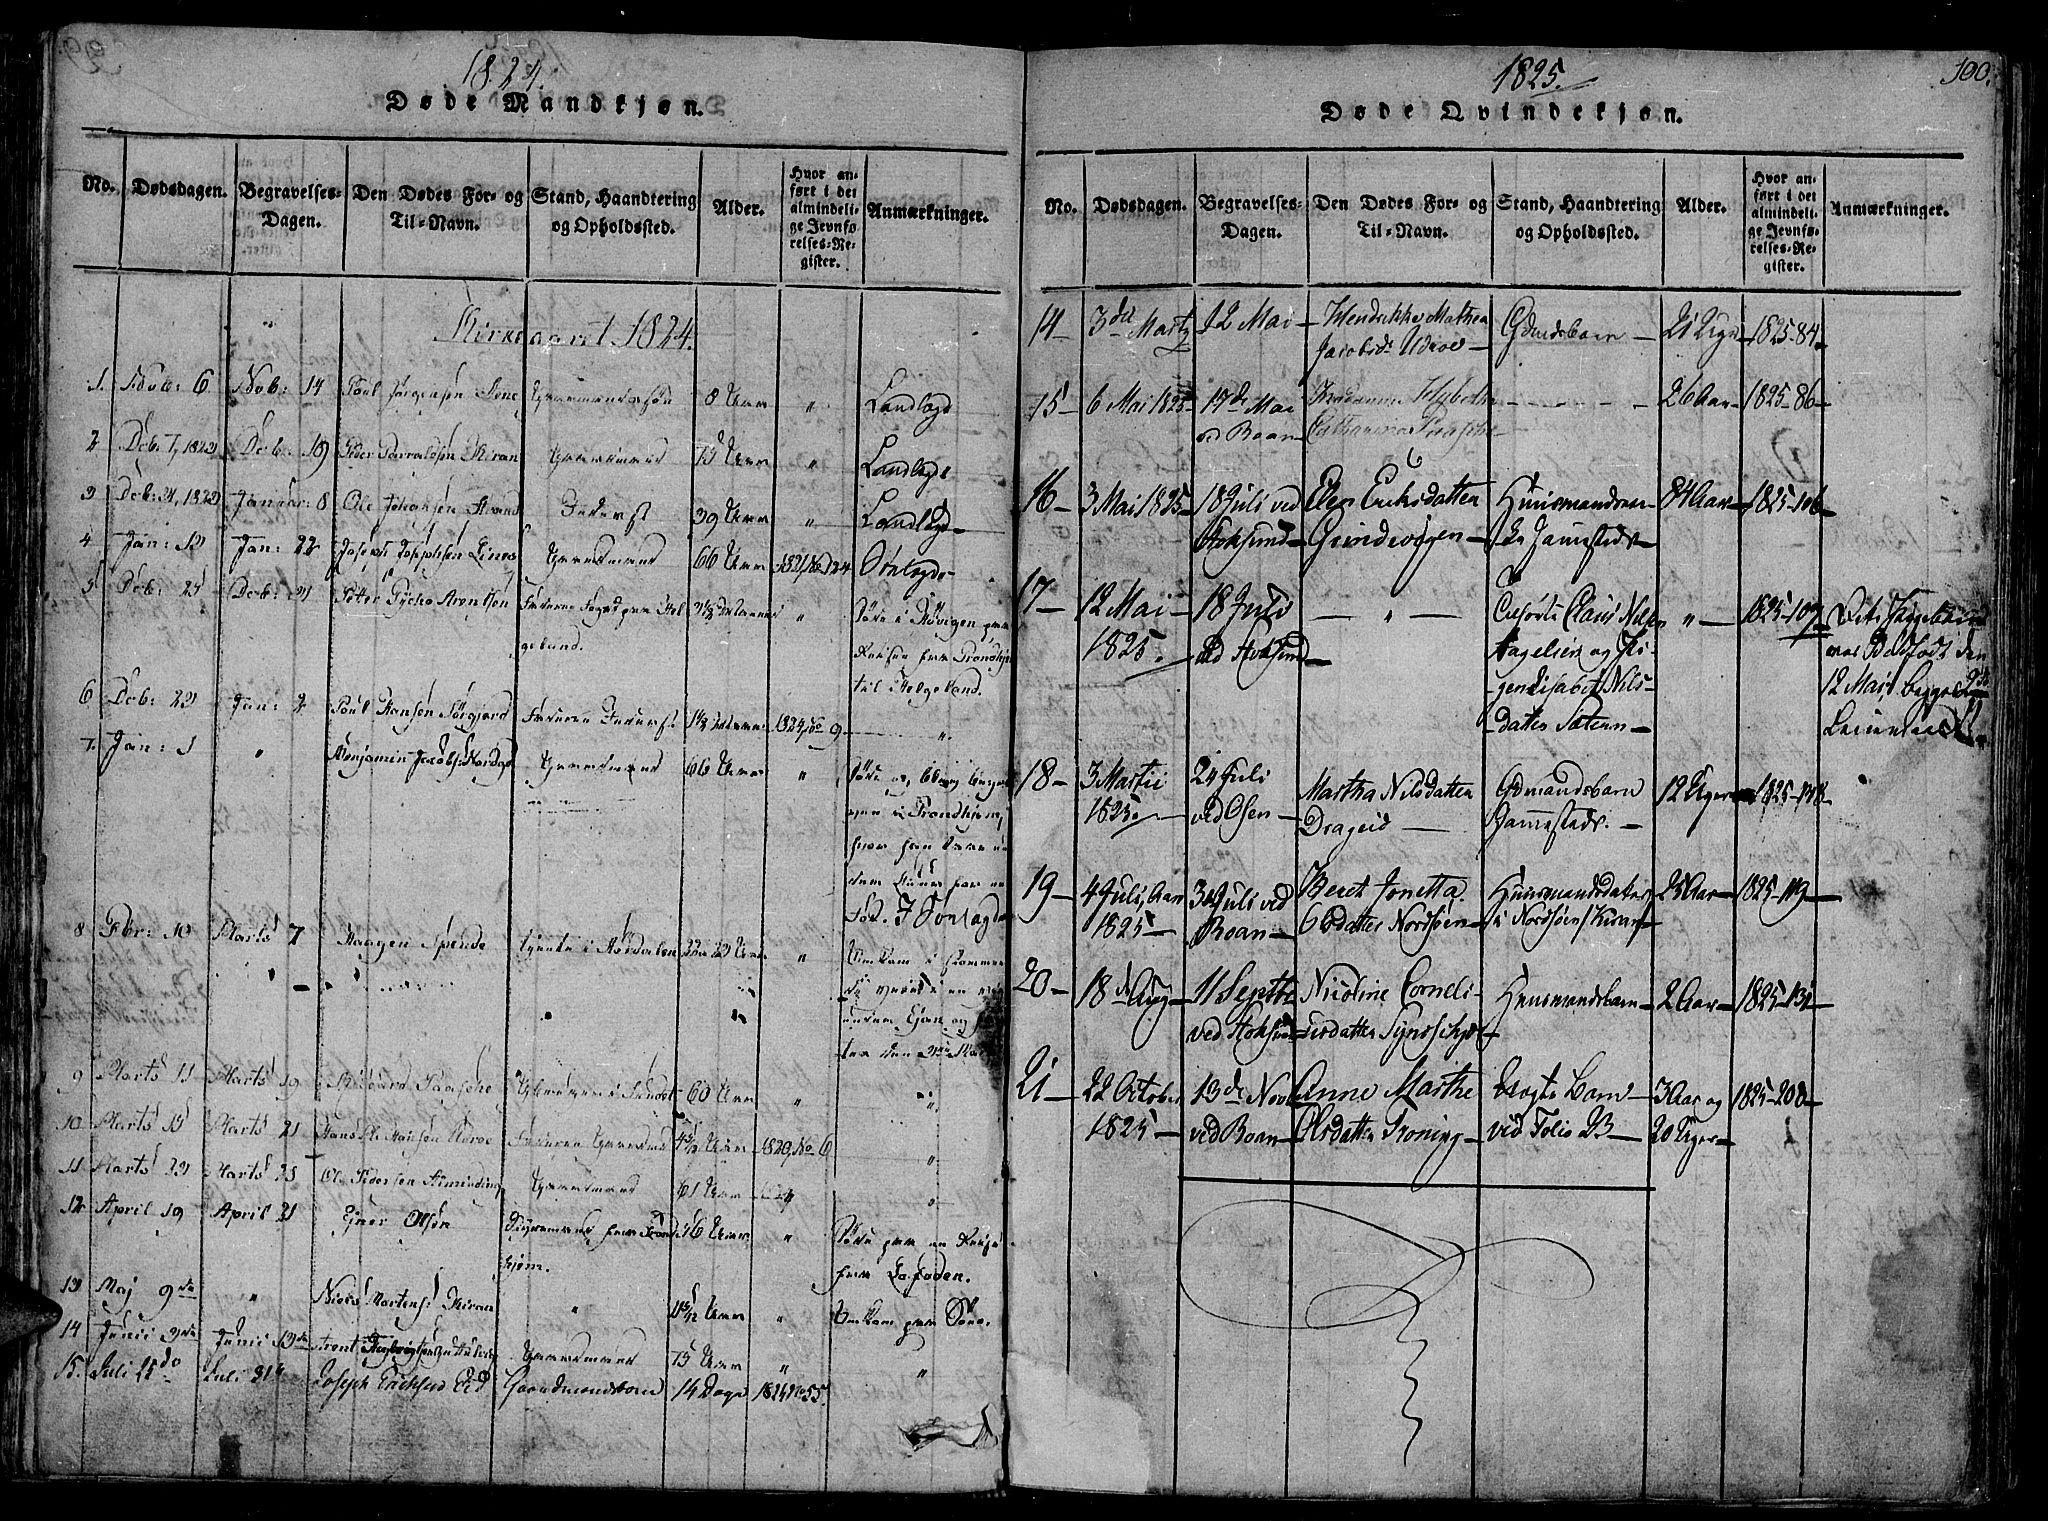 SAT, Ministerialprotokoller, klokkerbøker og fødselsregistre - Sør-Trøndelag, 657/L0702: Ministerialbok nr. 657A03, 1818-1831, s. 100